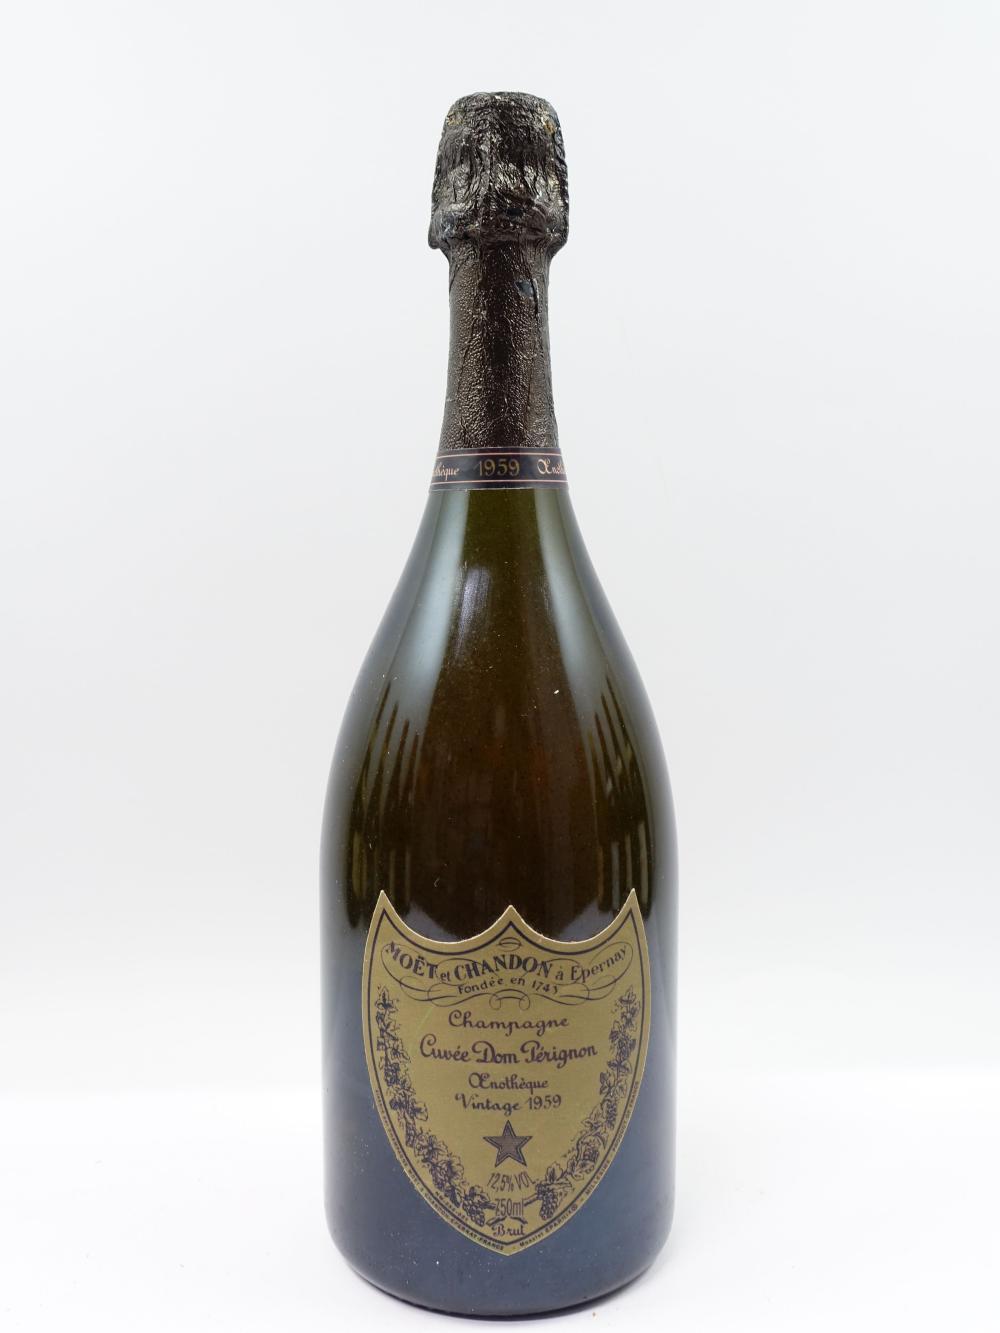 1 bouteille CHAMPAGNE DOM PERIGNON 1959 Oenothèque (dégorgée en 1999) (étiquette fanée